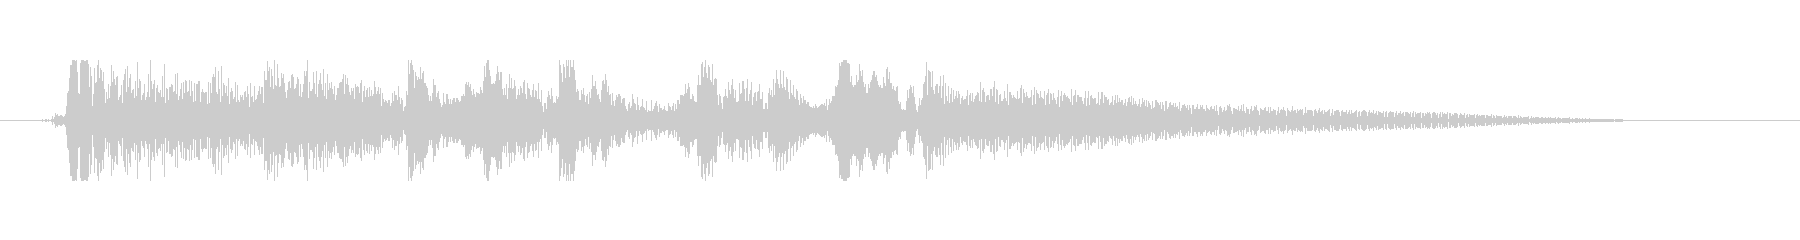 アコースティックギター 場面転換➄ ソロの未再生の波形